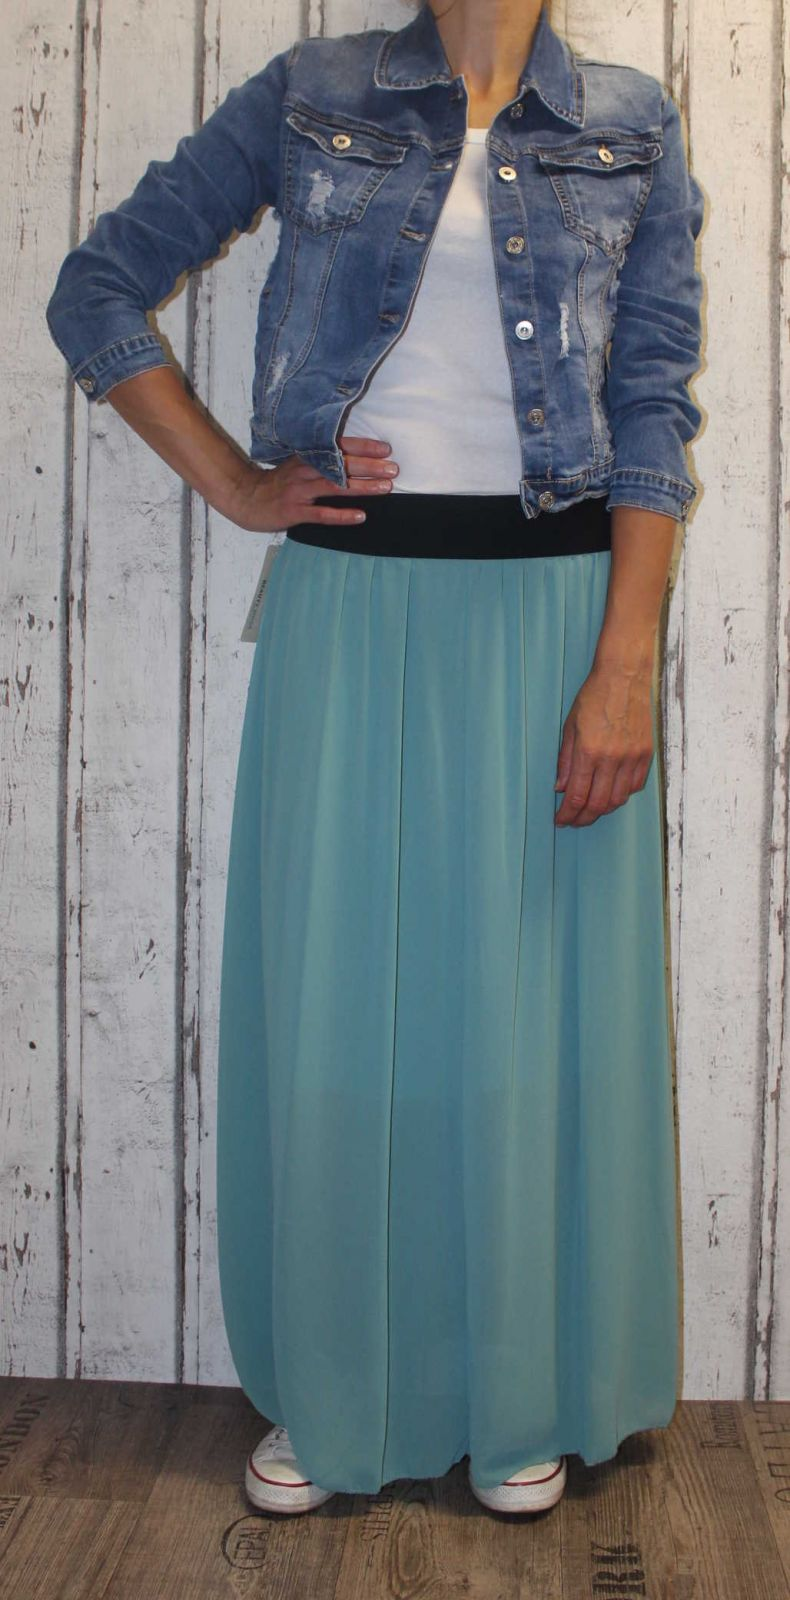 Dámská tylová sukně, tylová sukýnka, dlouhá tylová sukně, dámská dlouhá sukně, zelená tylová sukně Italy Moda